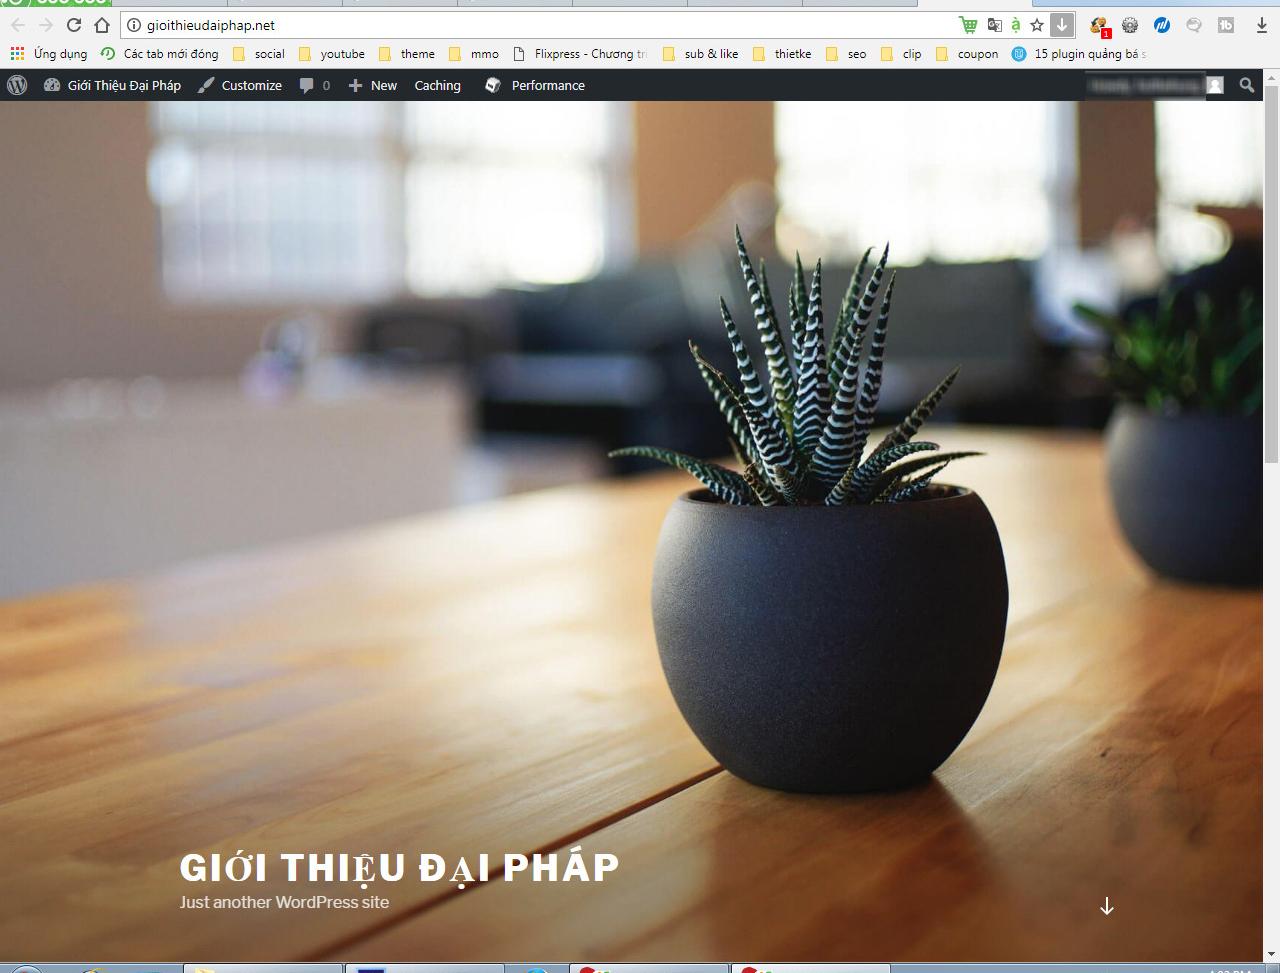 Hướng dẫn cài đặt WordPress trên hosting của iPage trong 10 phút